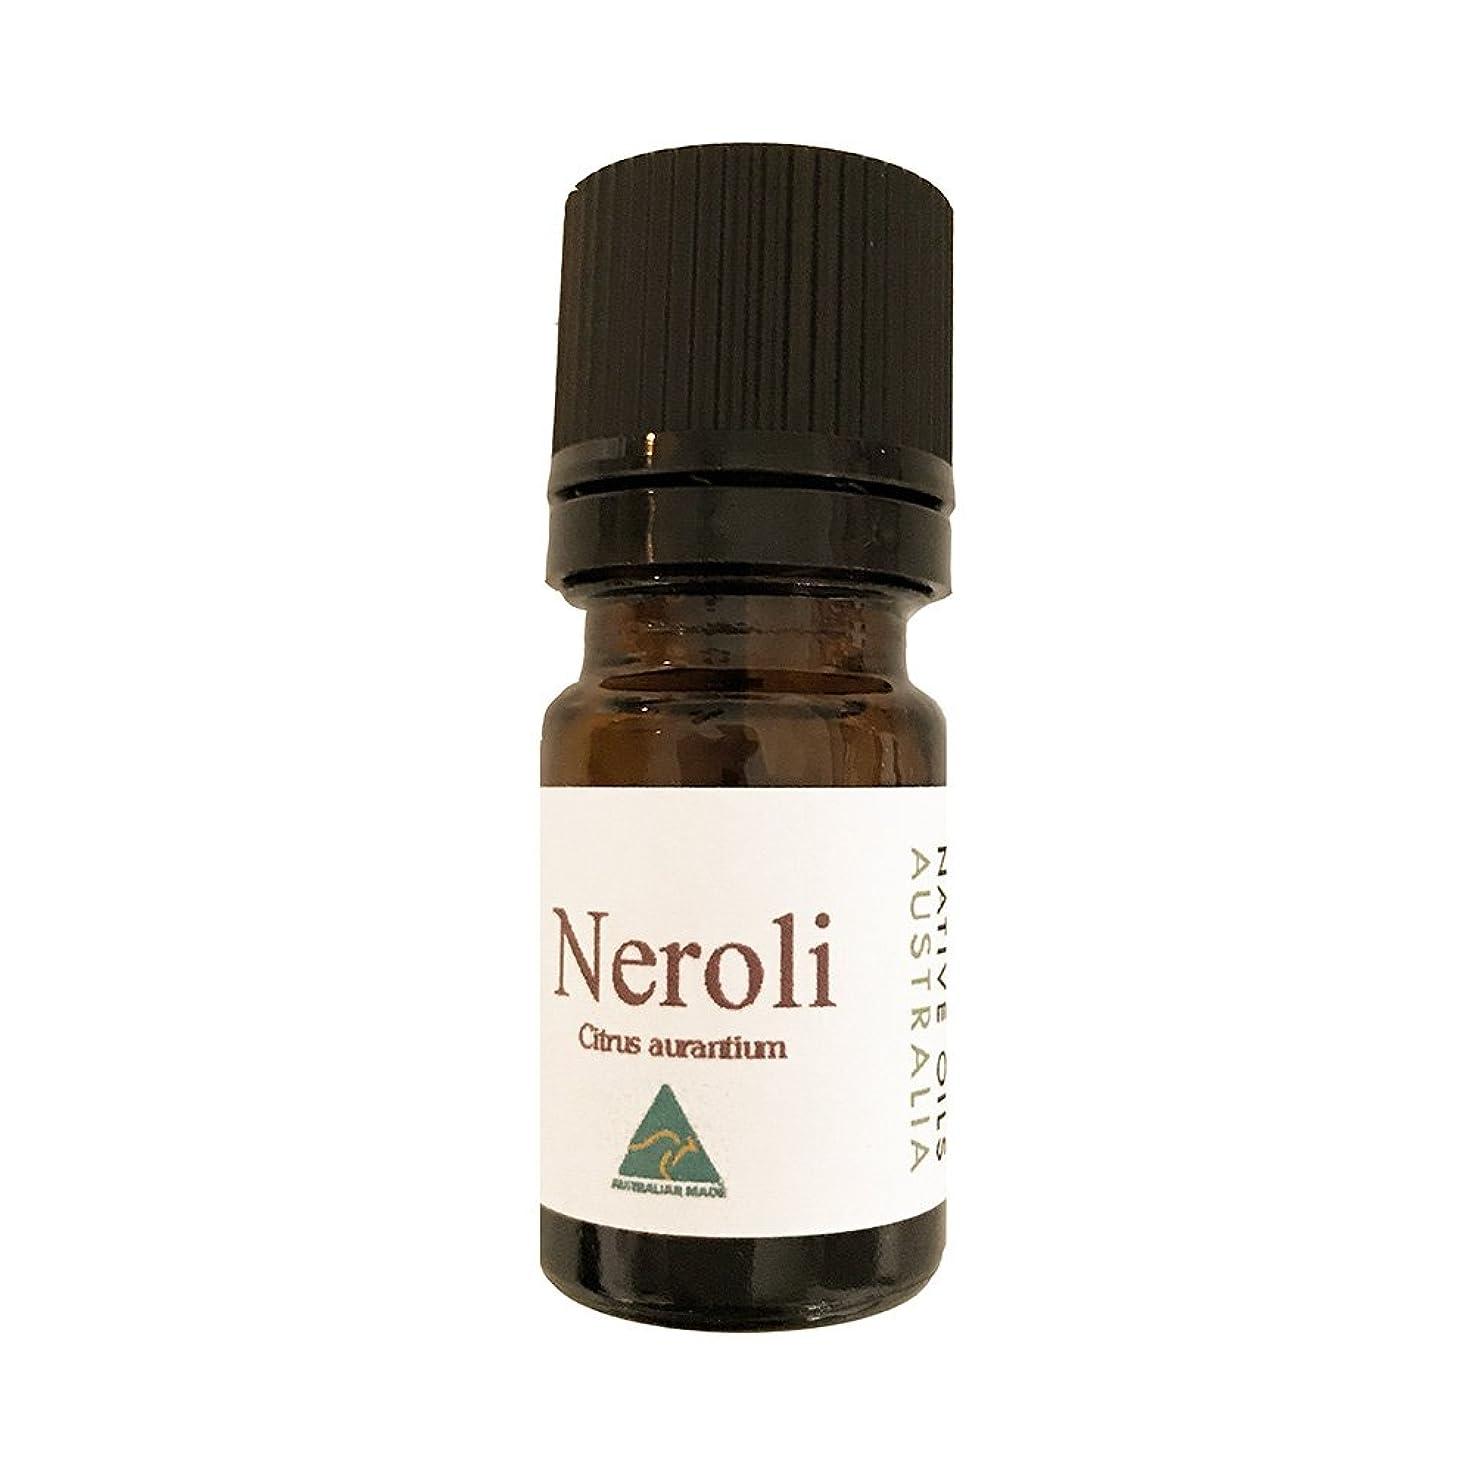 論争的移植許可するネロリ エッセンシャルオイル 5ml アロマオイル NOA